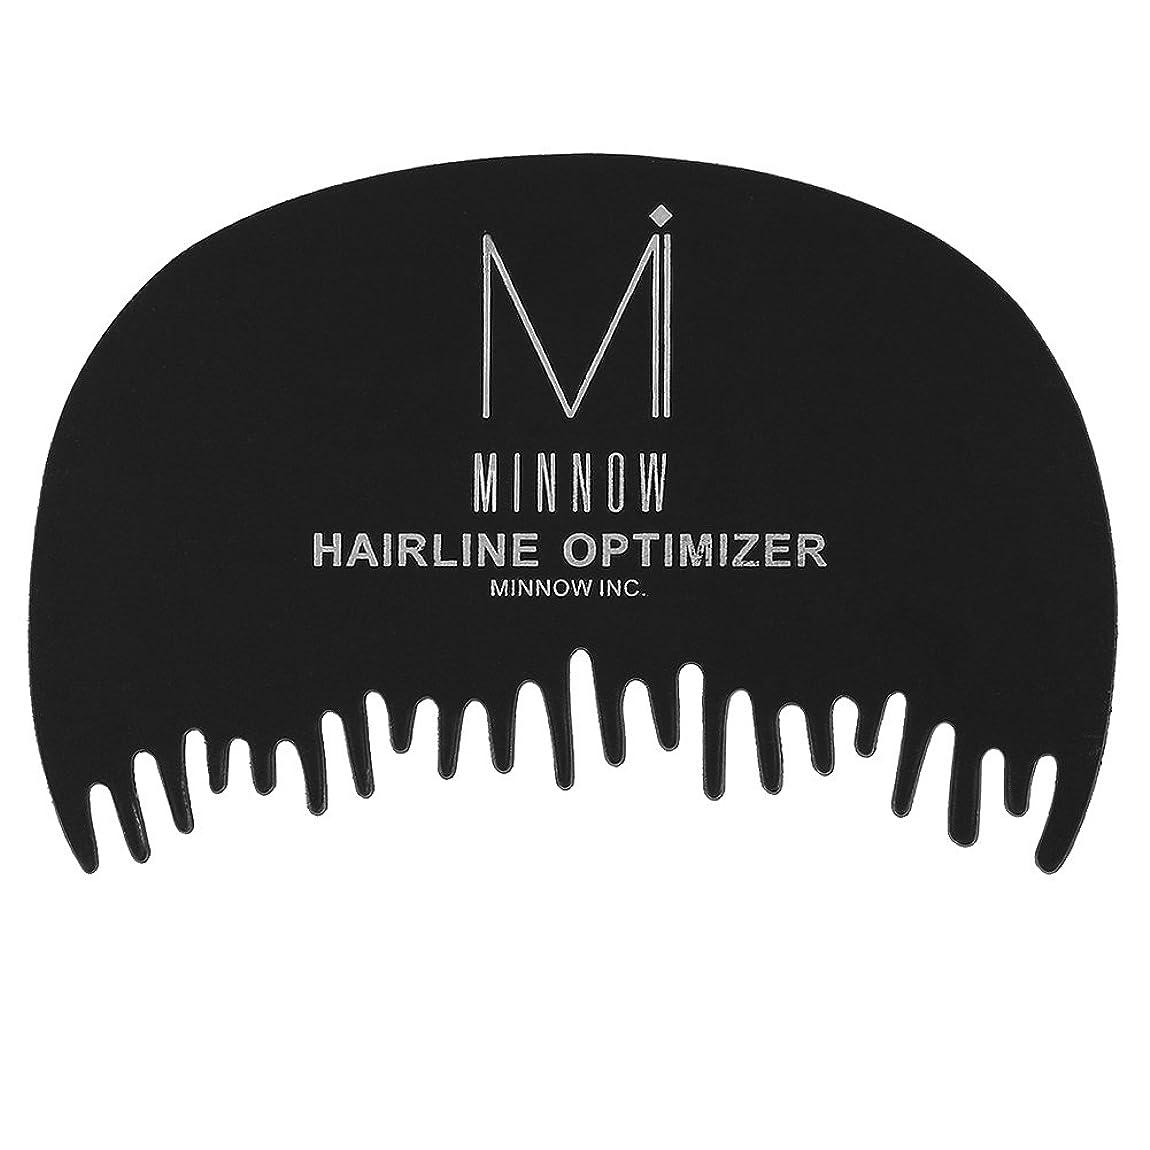 ヘアラインコーム、ヘアドレッサー細い毛繊維の前髪ヘアラインオプティマイザーフィルムプラスチック専用コーム、プロフェッショナルビューティーサロン製品アクセサリー